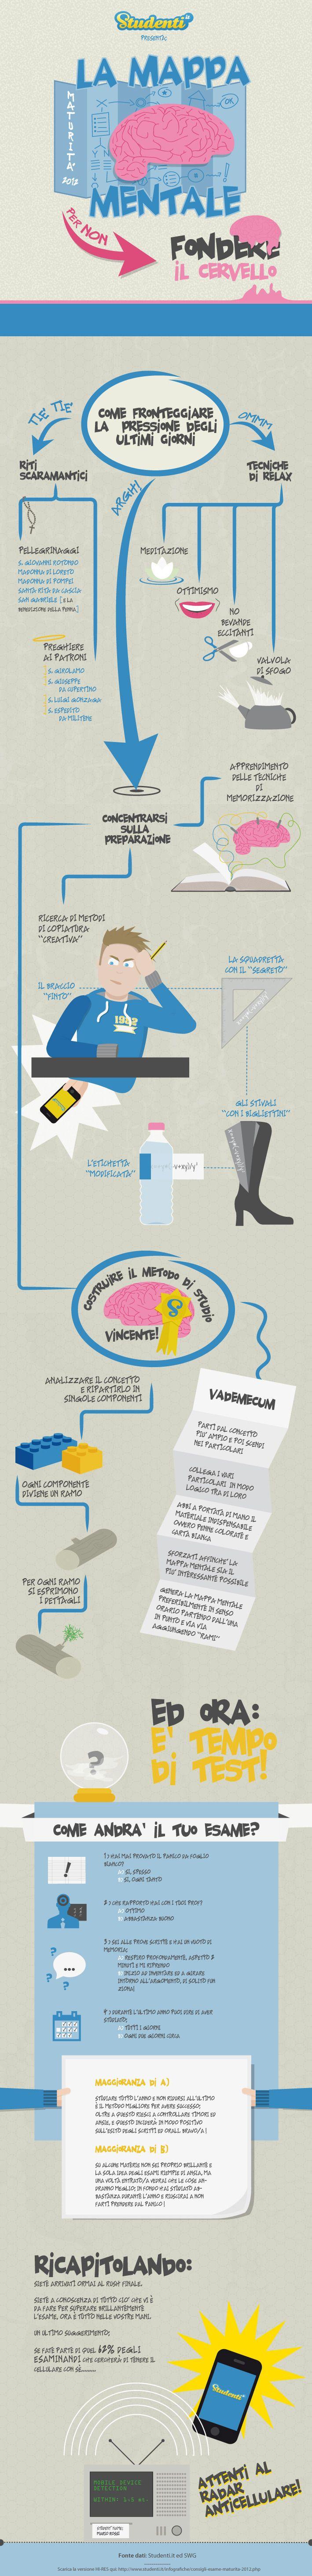 Maturità 2012 - La mappa mentale [Client: Studenti.it / Banzai - Agency: Bizupmedia.com]